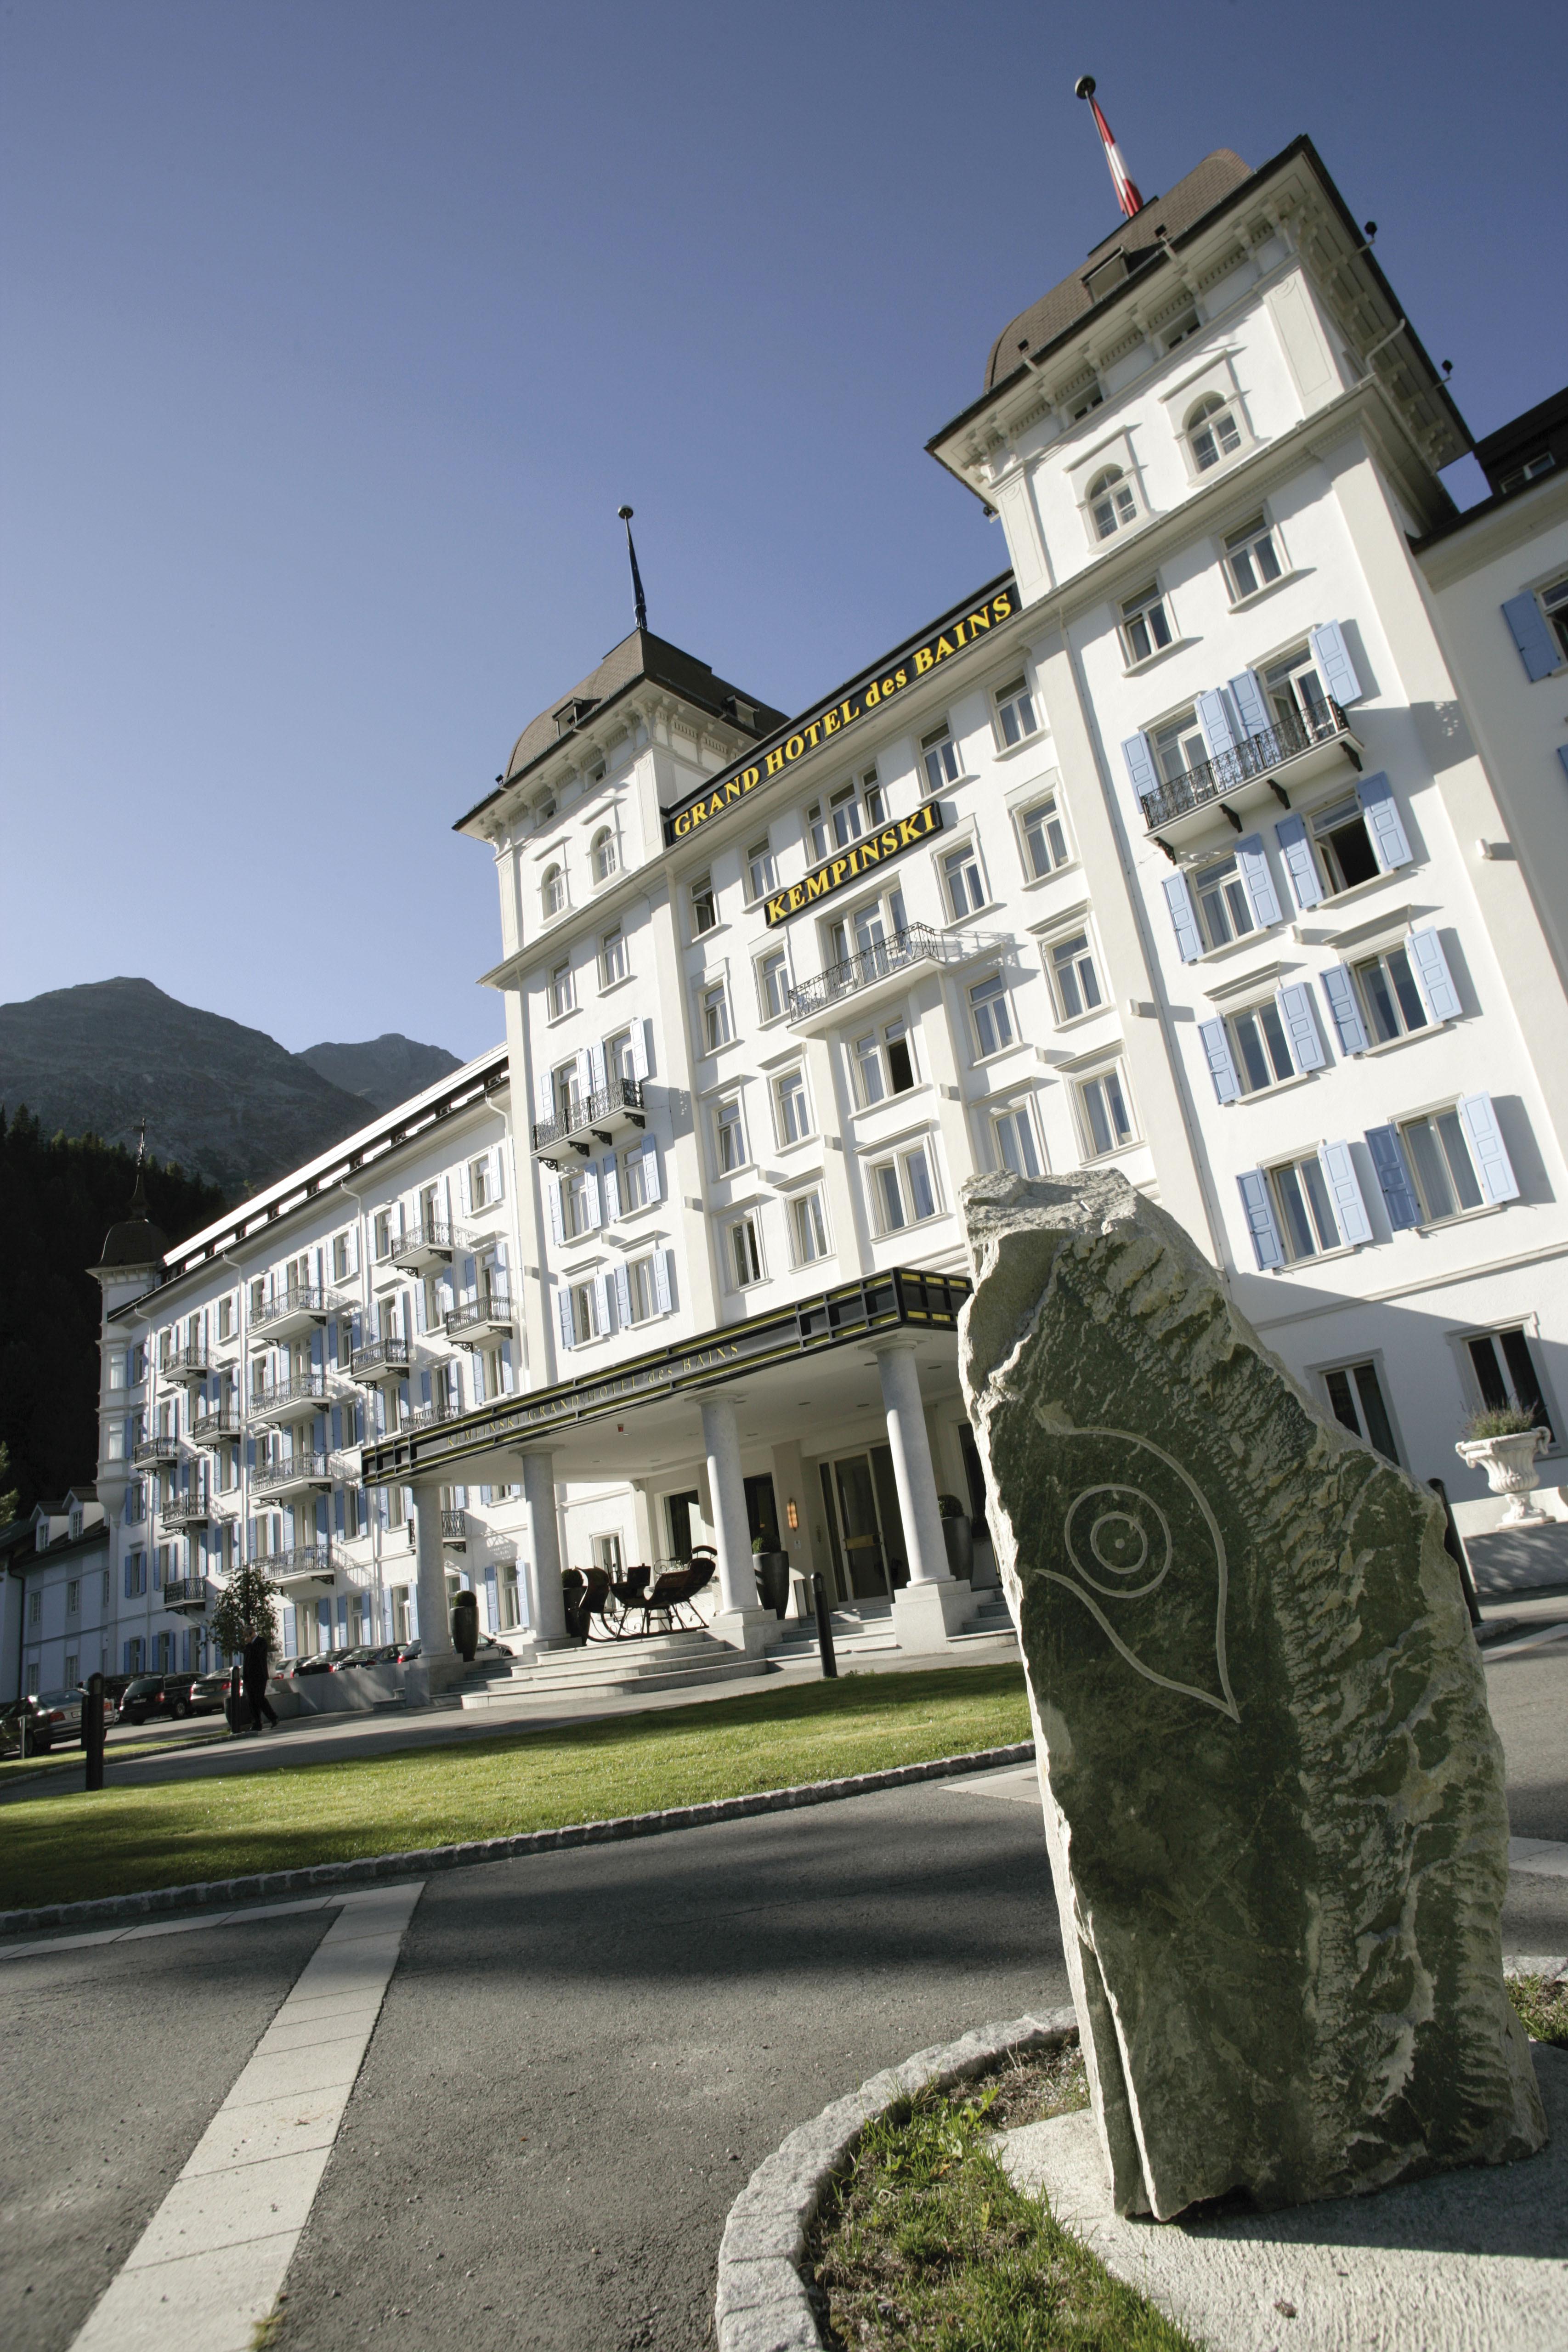 Hotelrating Schweiz Slide 1